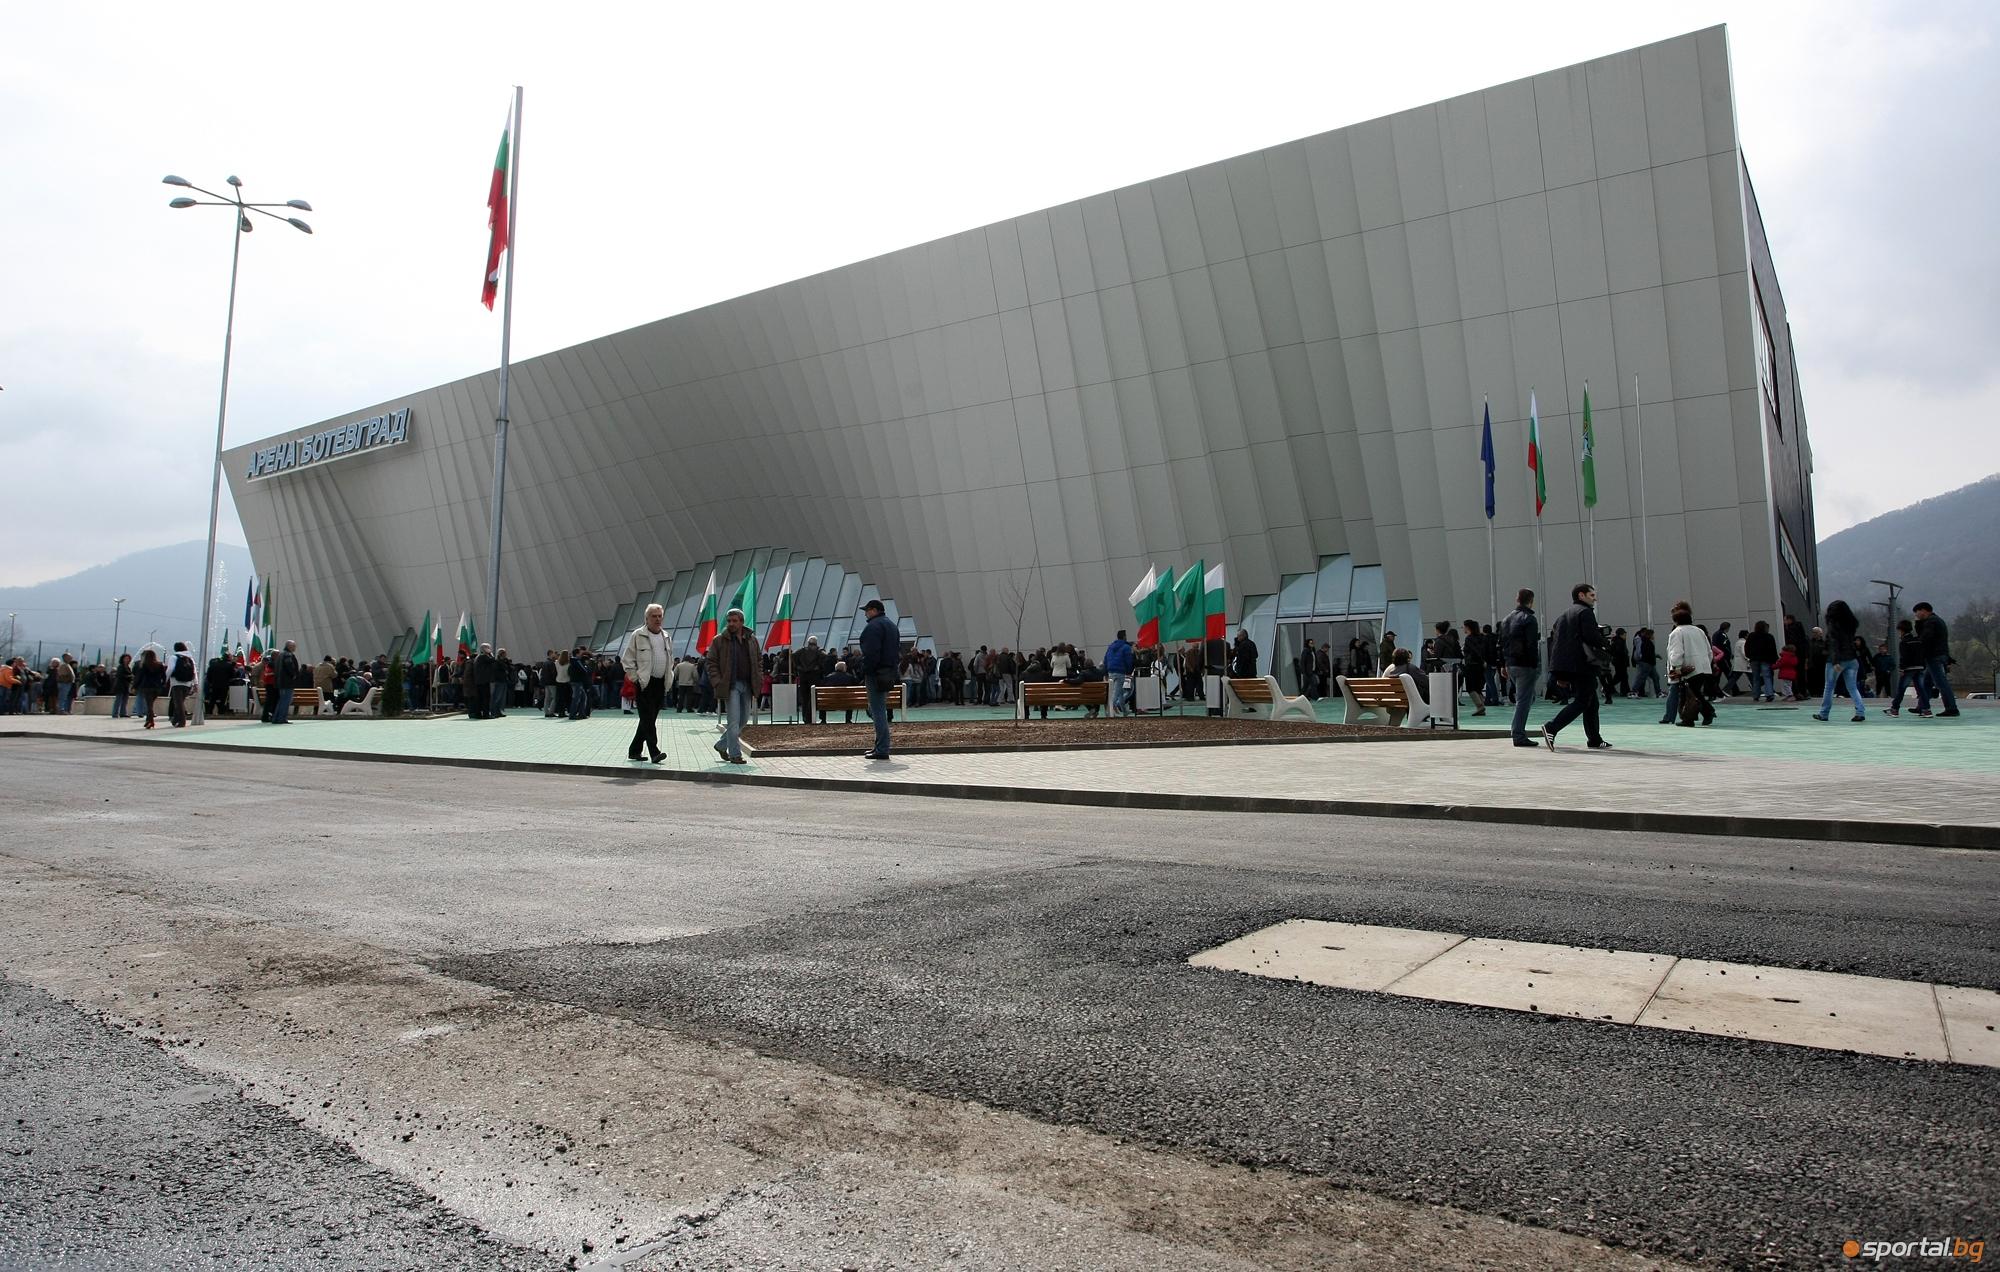 """Новата мултифункционална спортна зала """"Арена """" бе отркрита в Ботевград"""